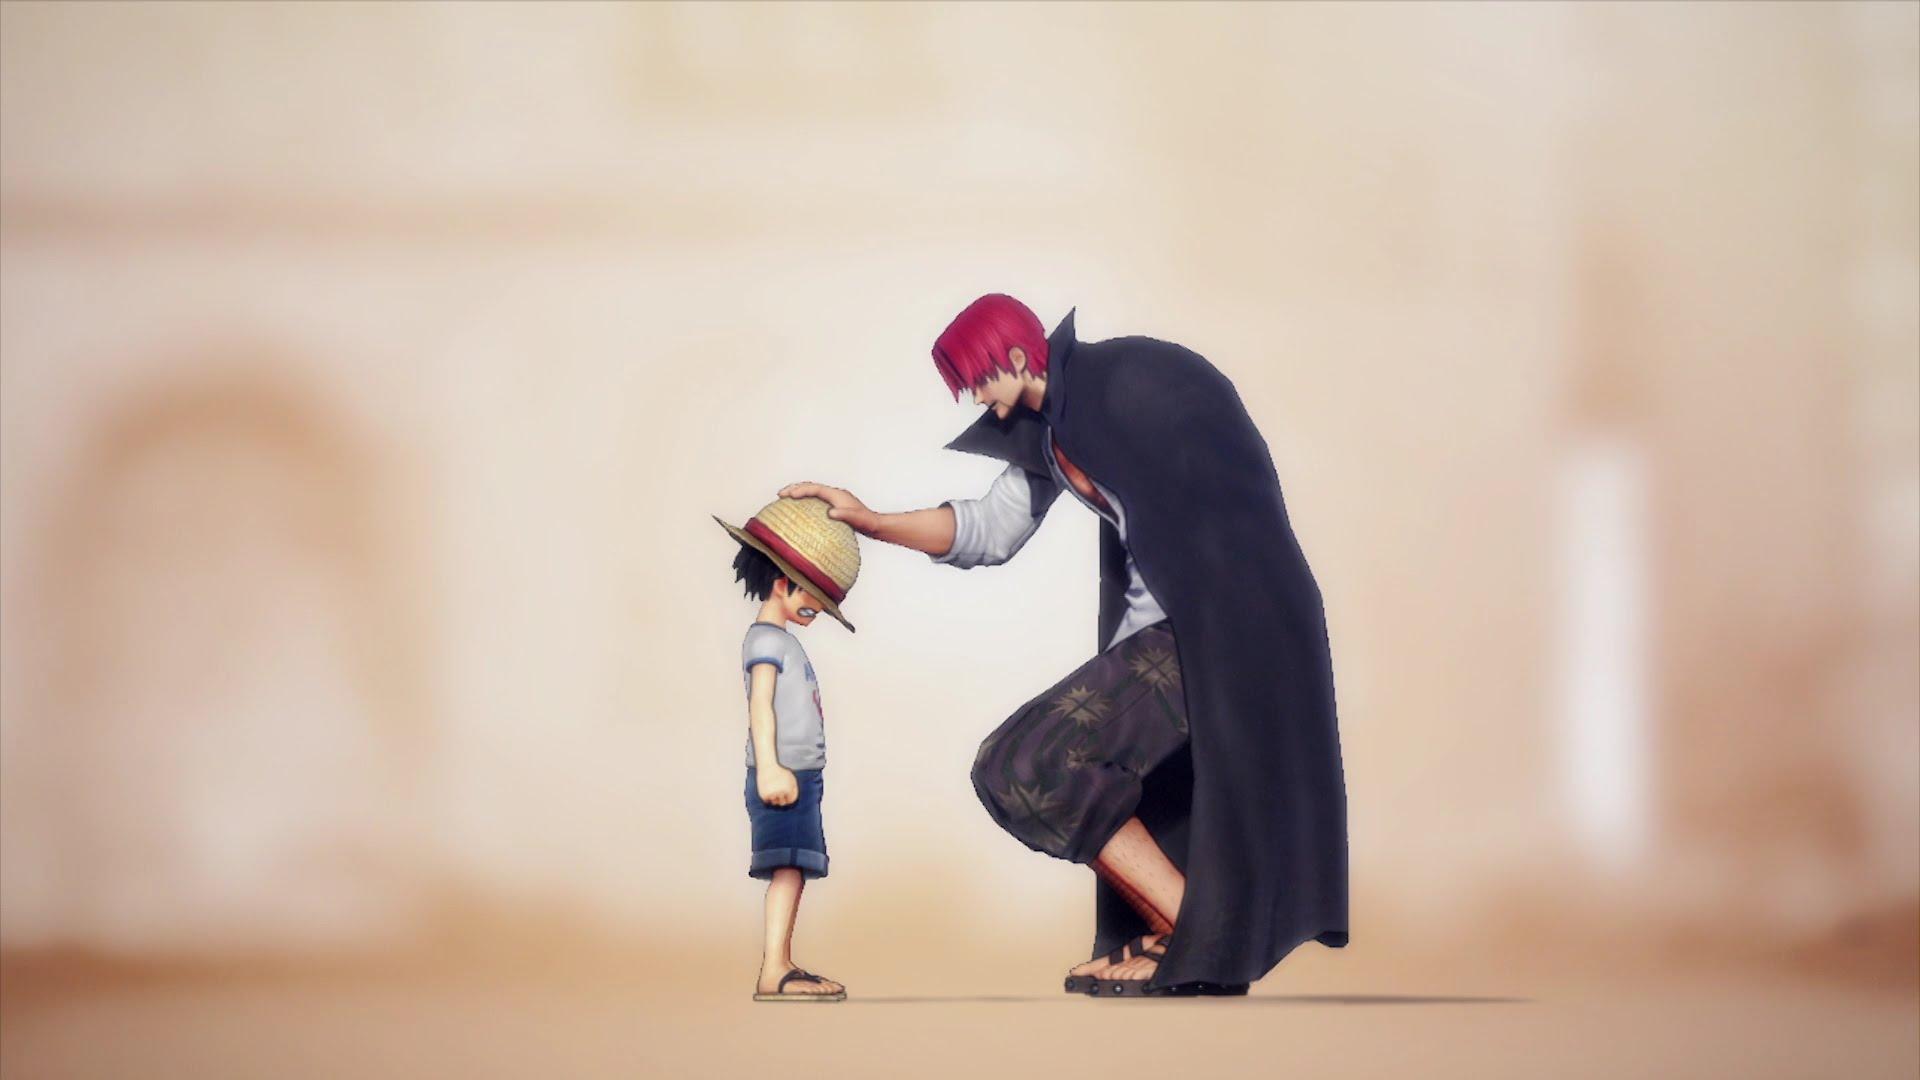 名シーンてんこ盛り!『ワンピース海賊無双3』TGS2014上映のティザーPVがWEB公開!